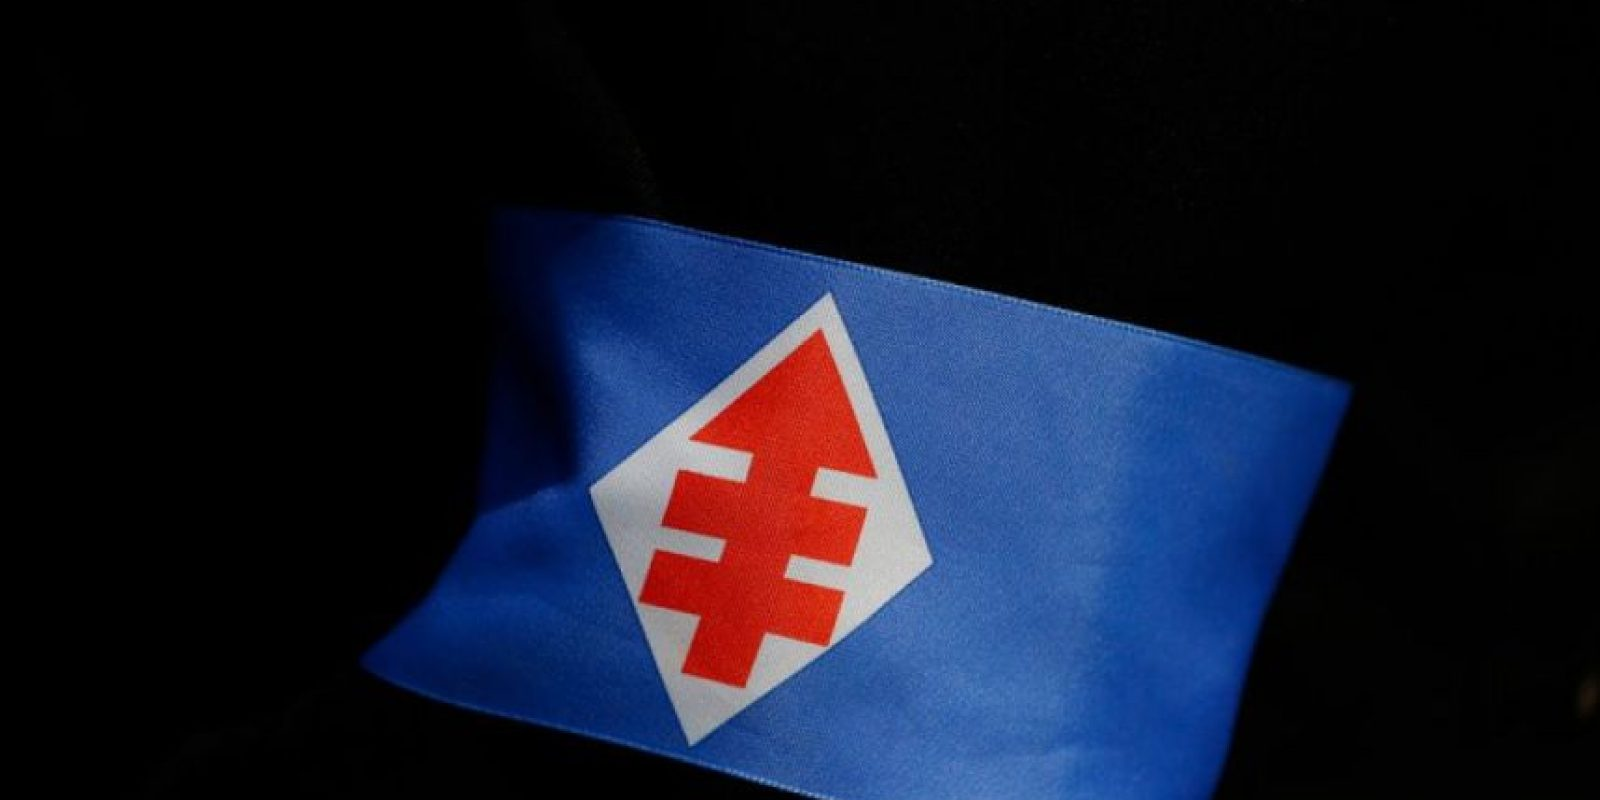 El próximo 11 de enero se definirán las elecciones internas de la Democracia Cristiana Foto:Aton. Imagen Por: